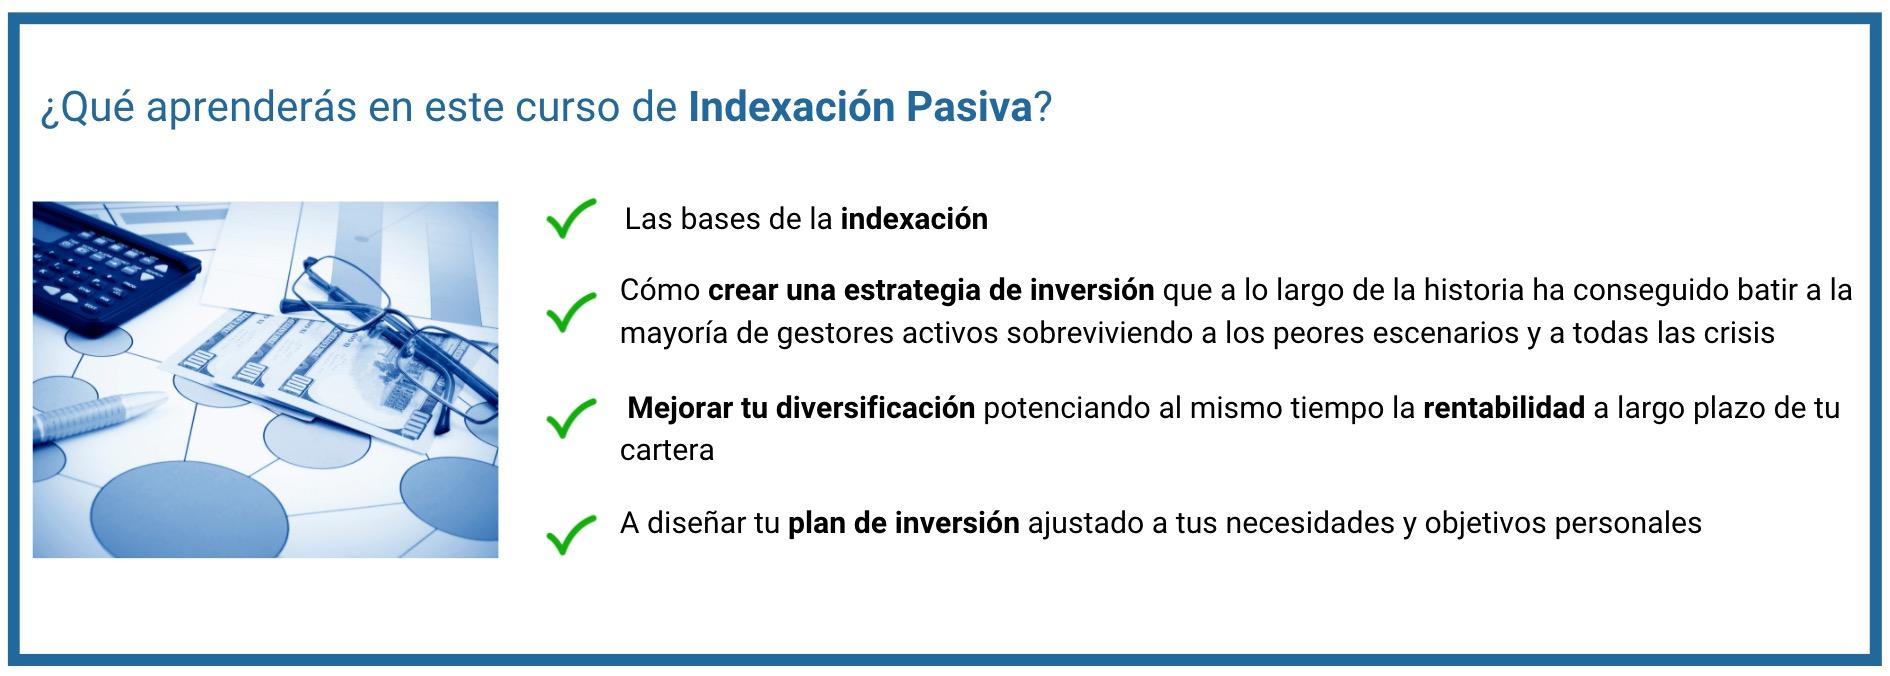 ¿Qué aprenderás en este curso de Indexación Pasiva?